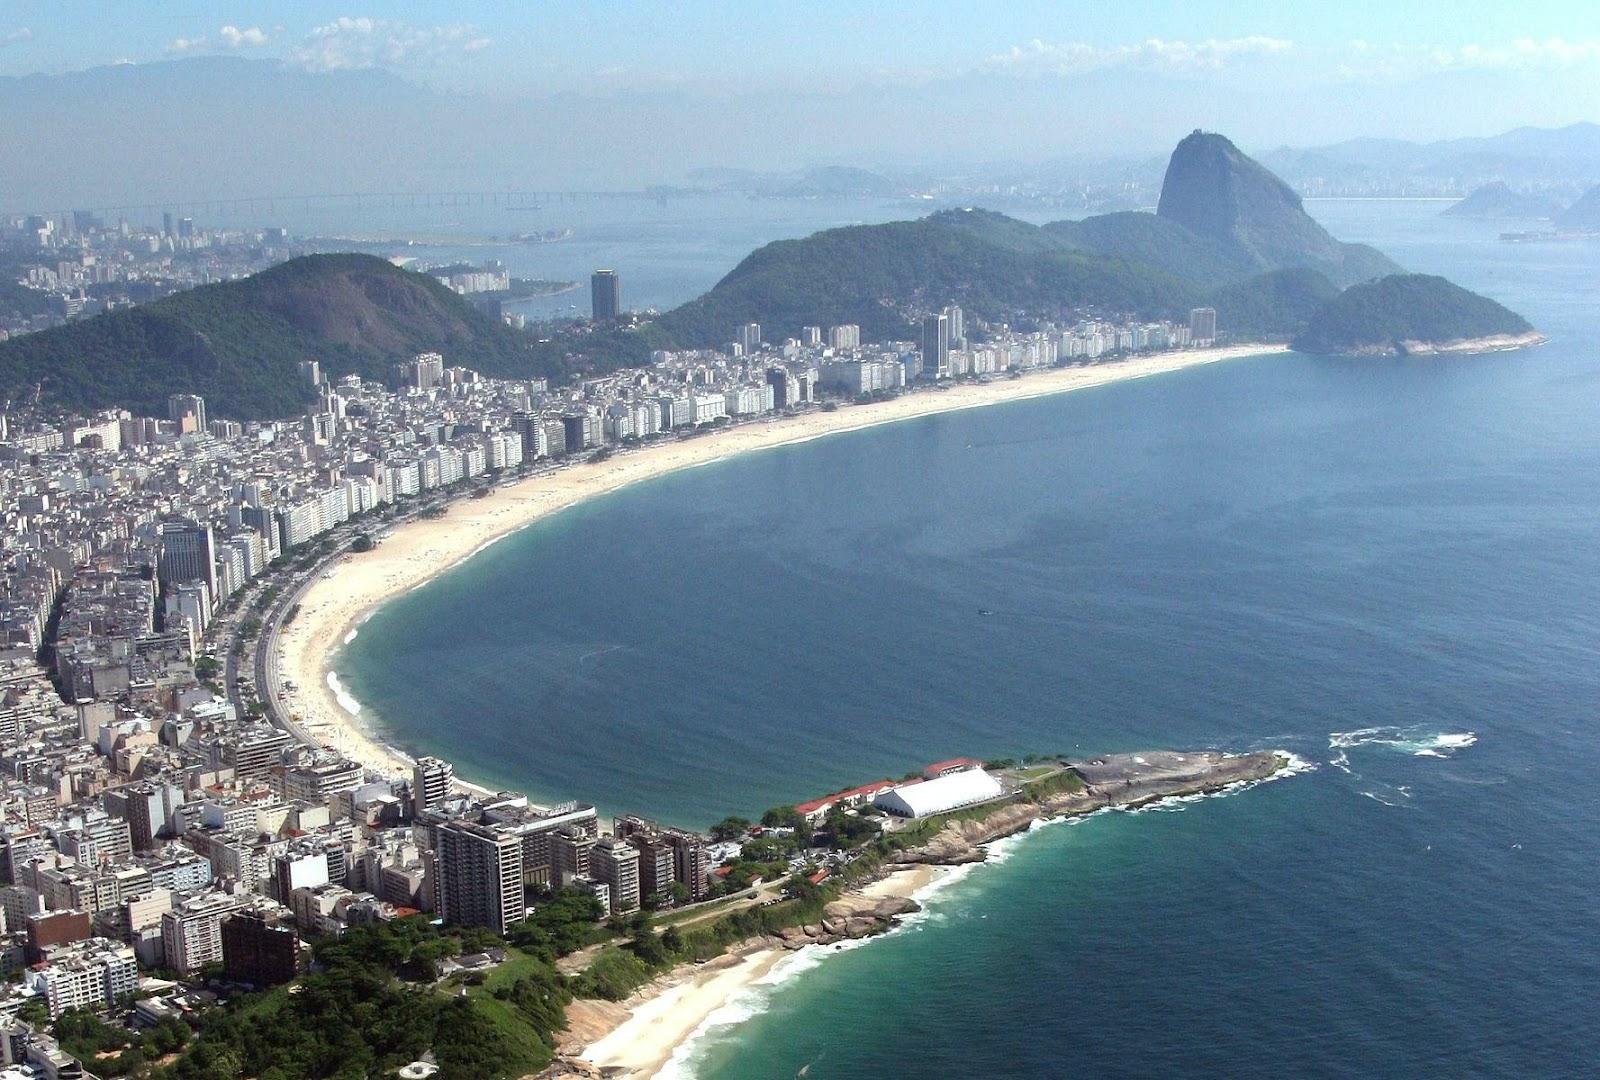 Em dezembro, a intenção dos brasileiros em viajar bateu recorde. Fonte: Turismo Rio de Janeiro